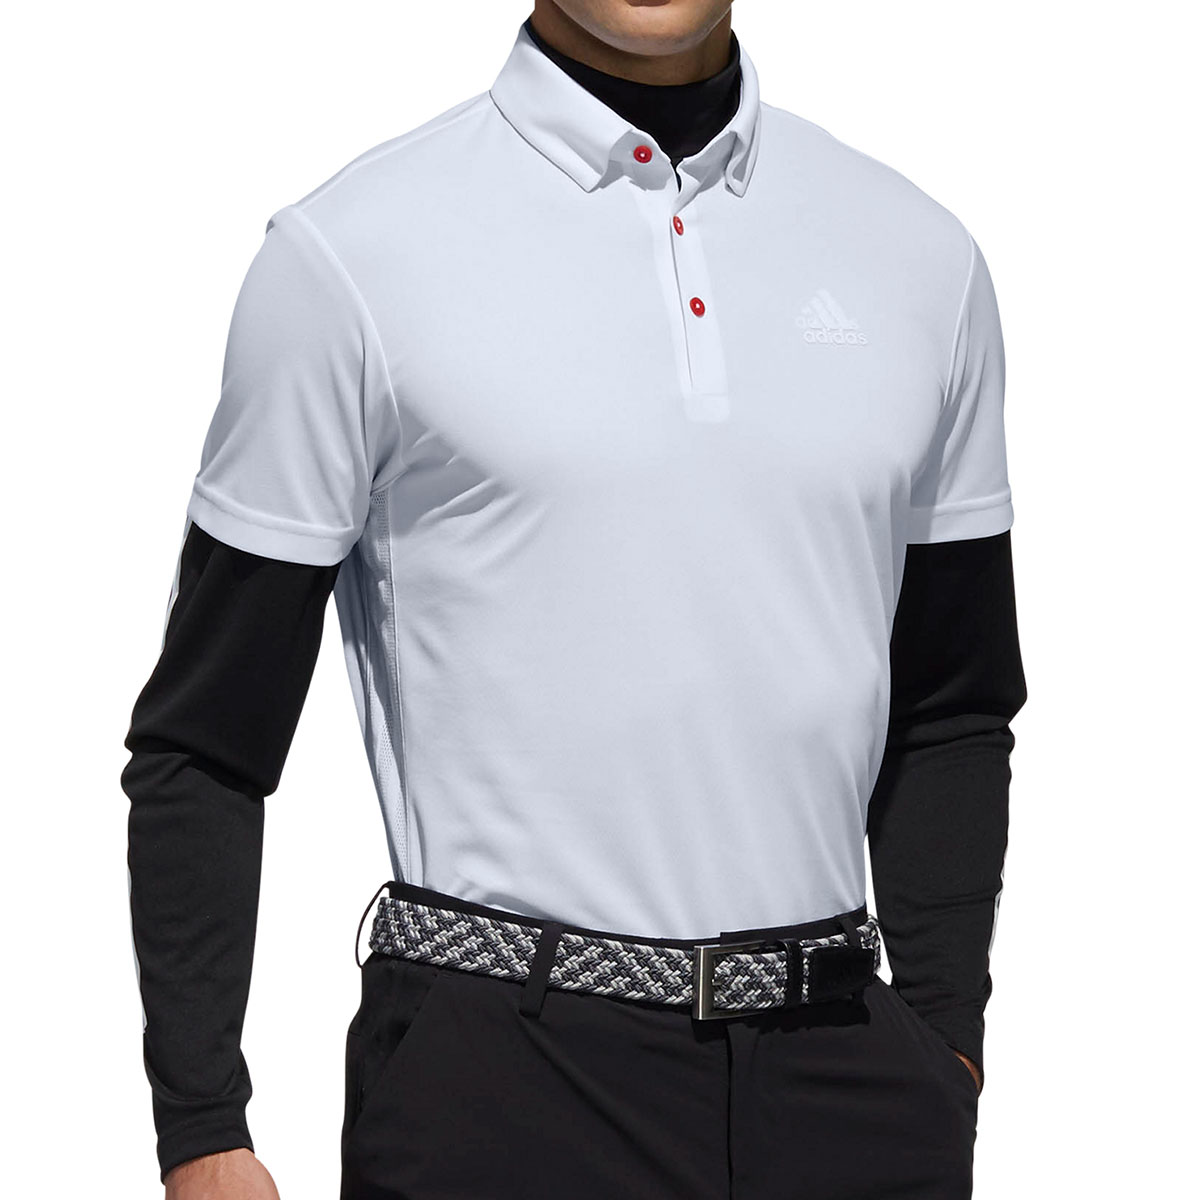 Performance スリーストライプス レイヤード半袖ボタンダウンポロシャツ